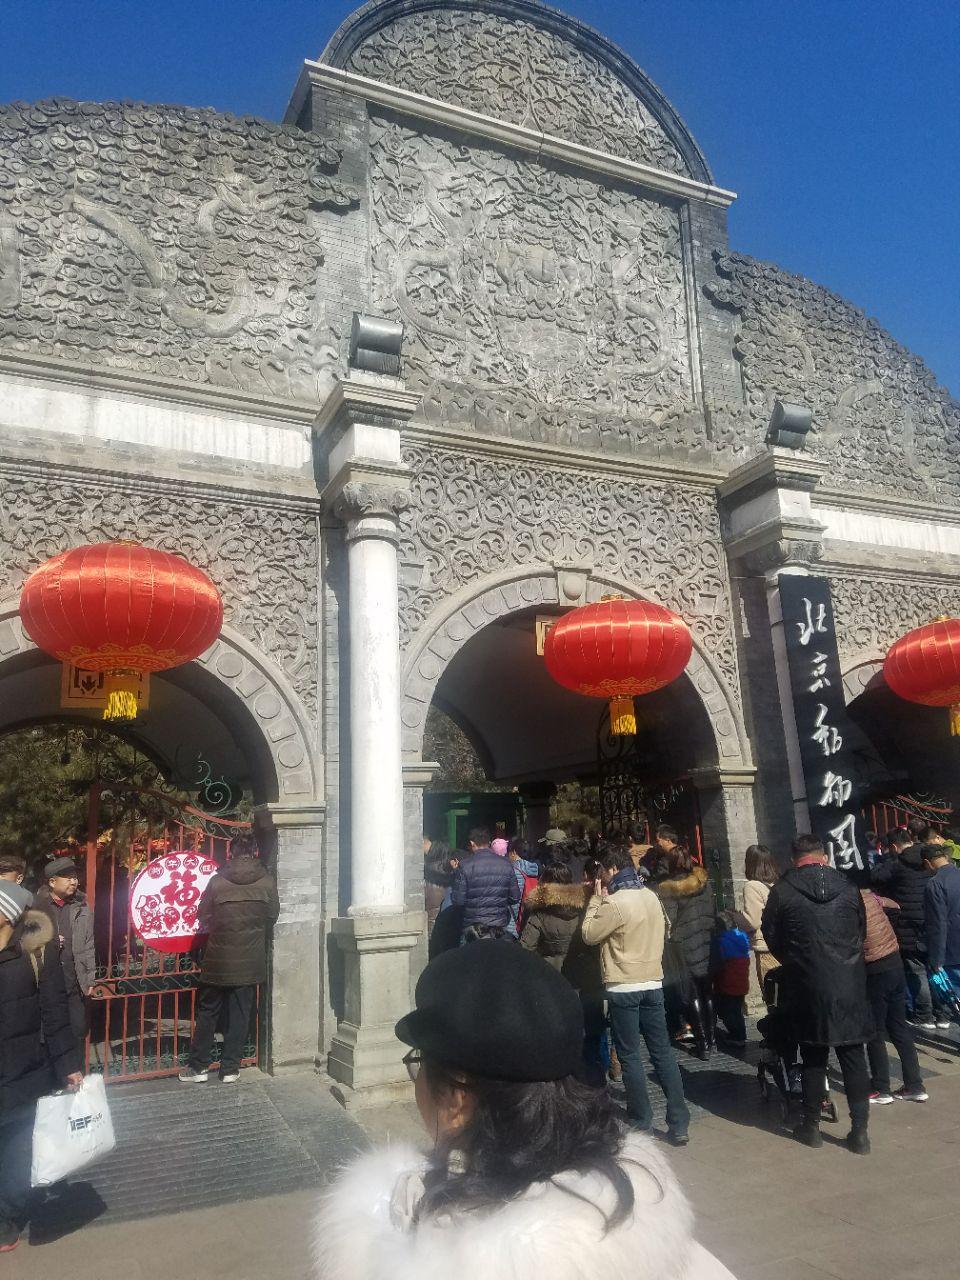 北京北京动物园好玩吗,北京北京动物园景点怎么样